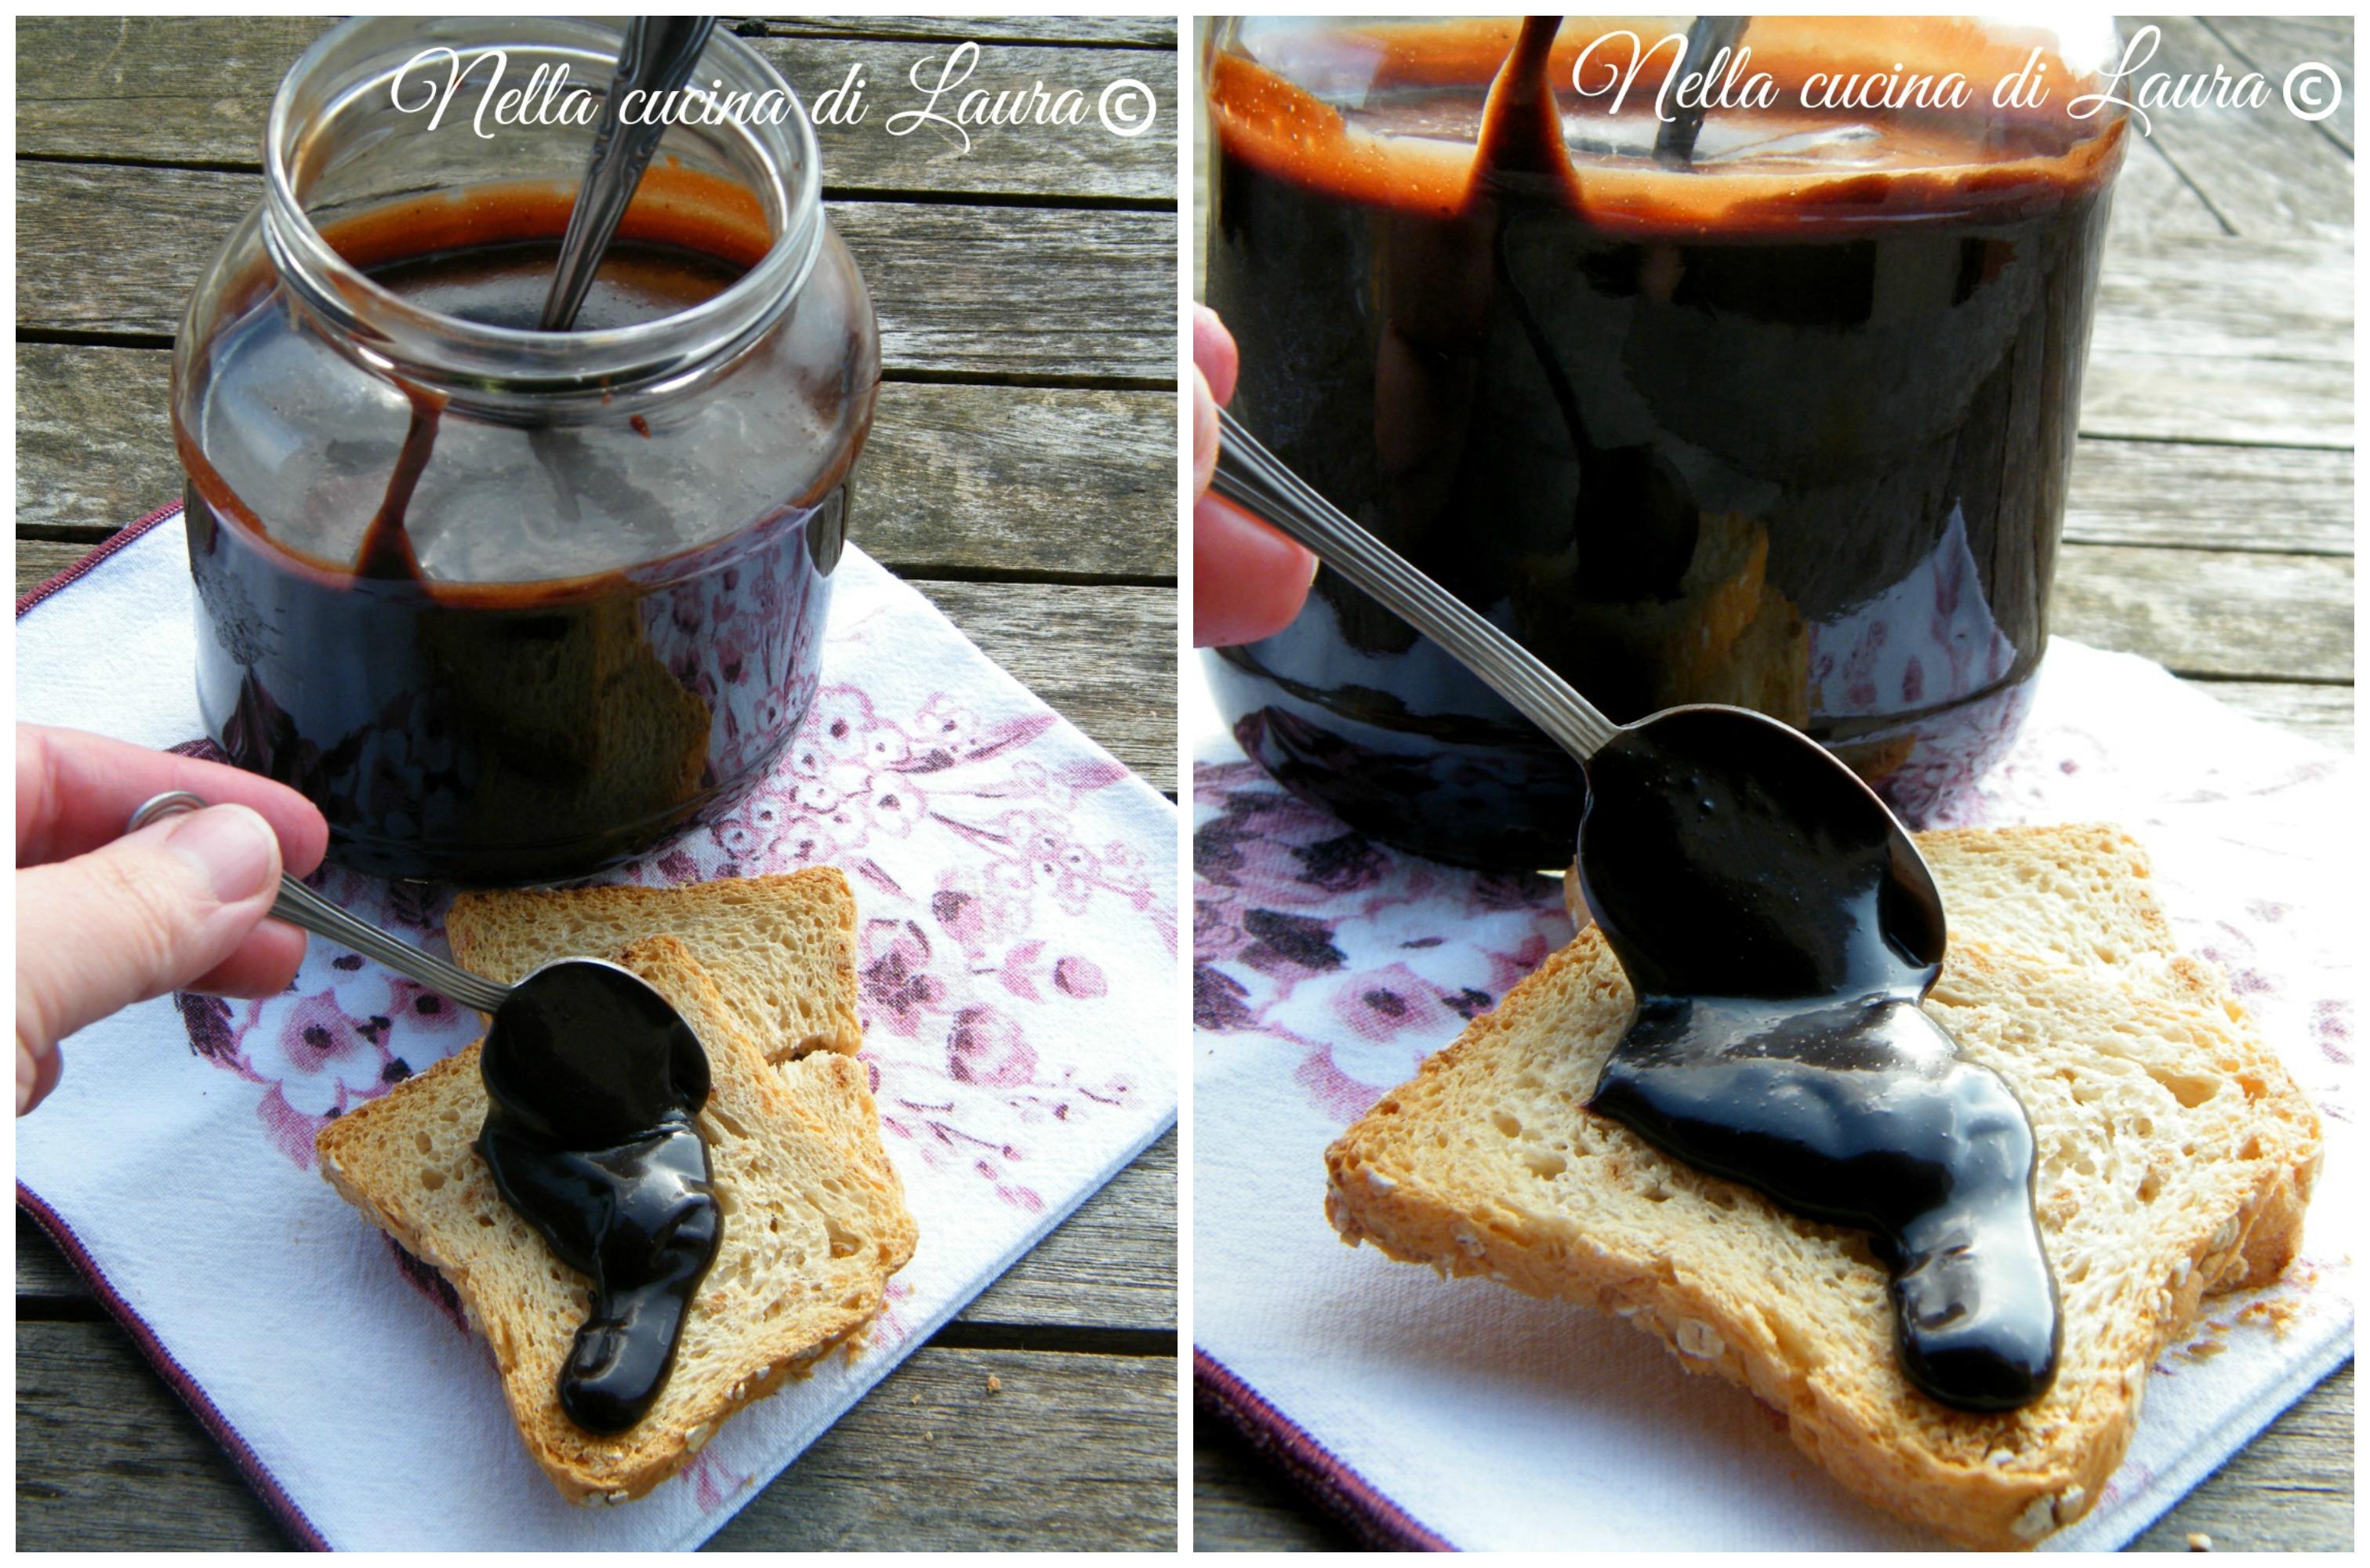 crema spalmabile alle nocciole fatta in casa, simil nutella - nella cucina di laura